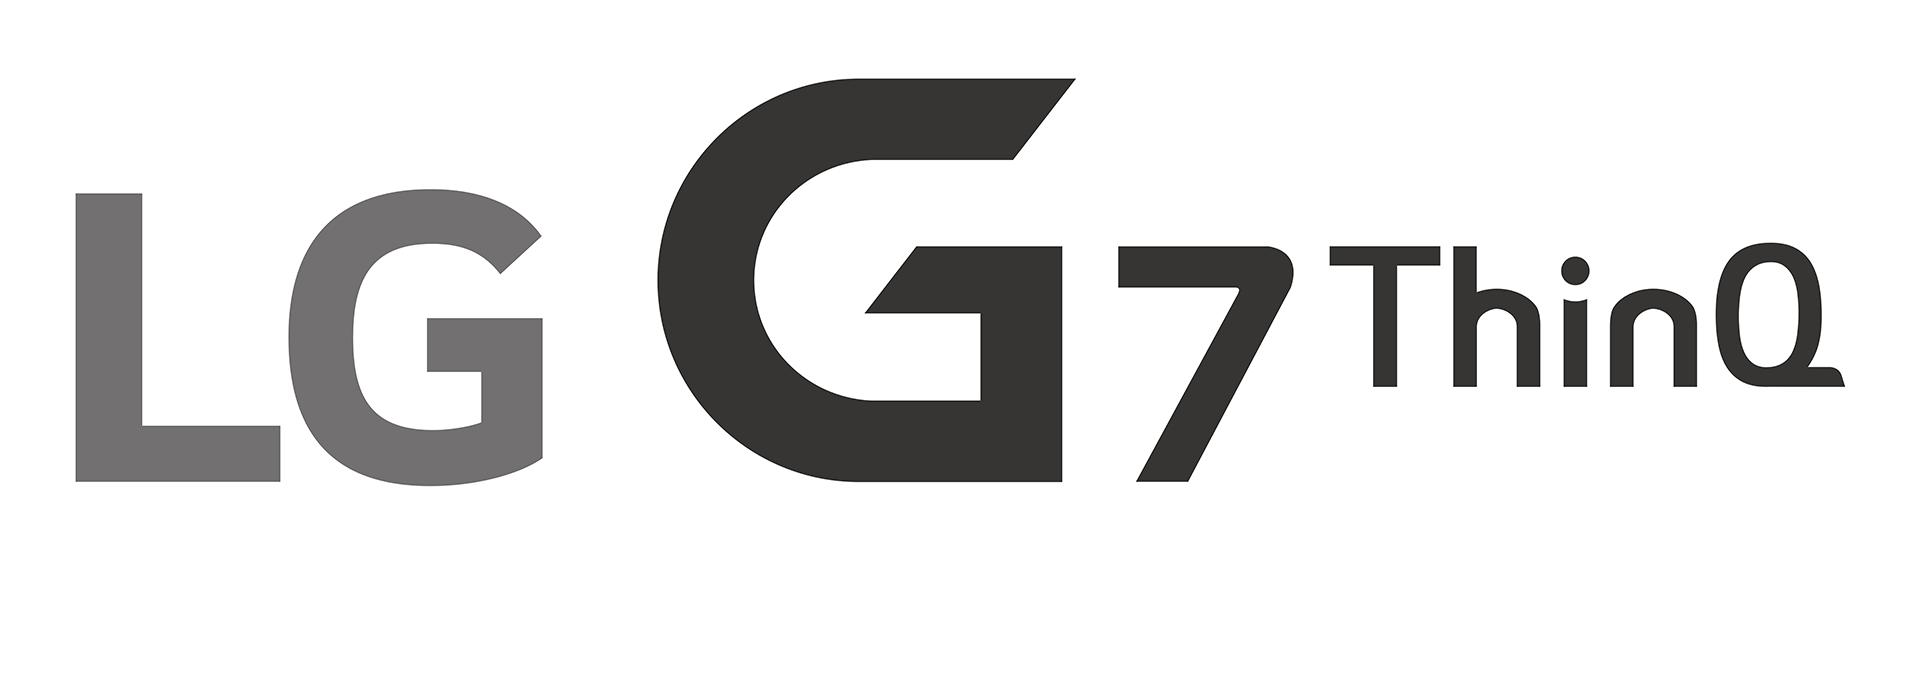 NIESKAZITELNY DŹWIĘK W LG G7 THINQ DZIĘKI GŁOŚNIKOWI BOOMBOX I SYSTEMOWI DTS:X